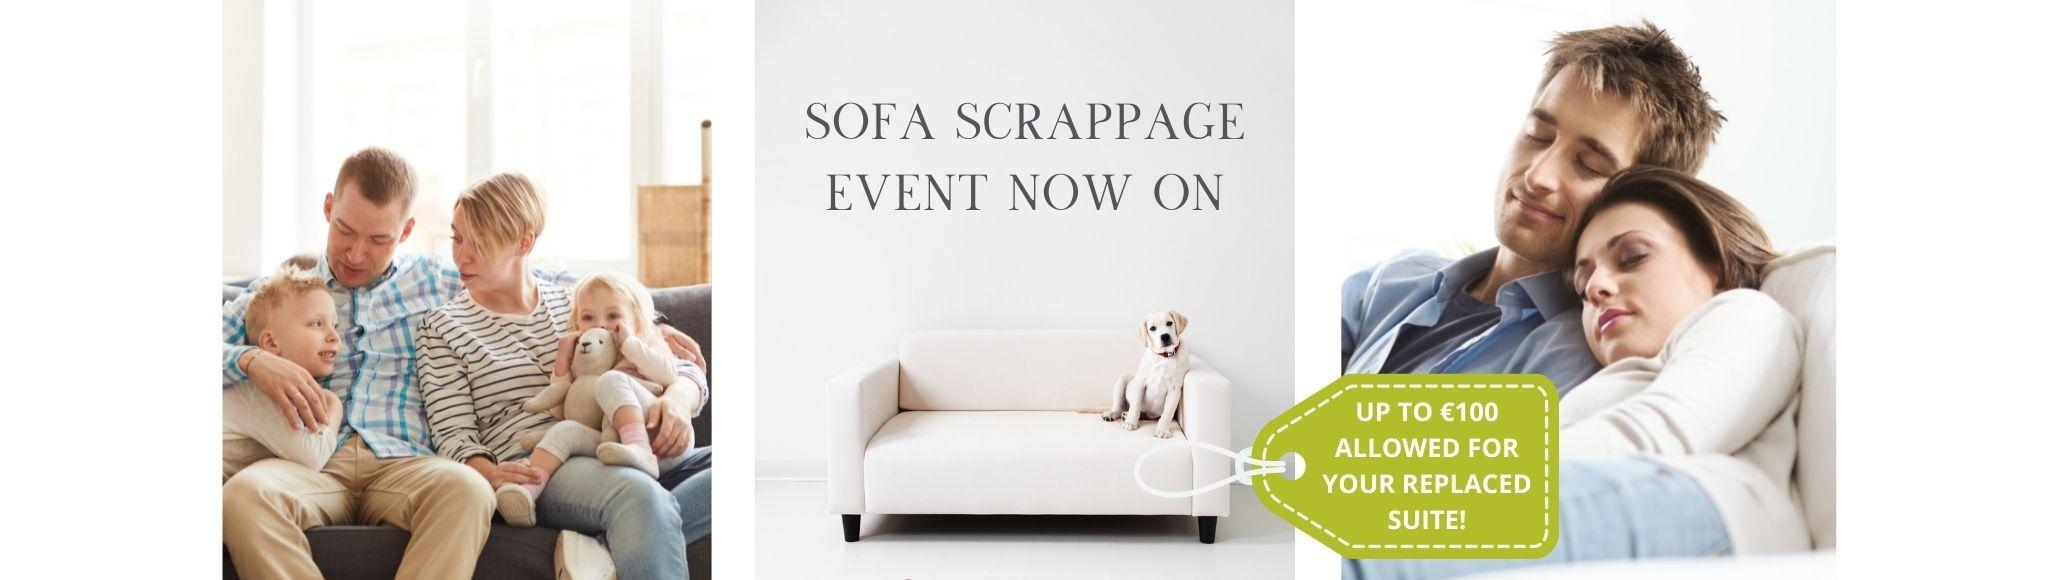 sofa scrappage event